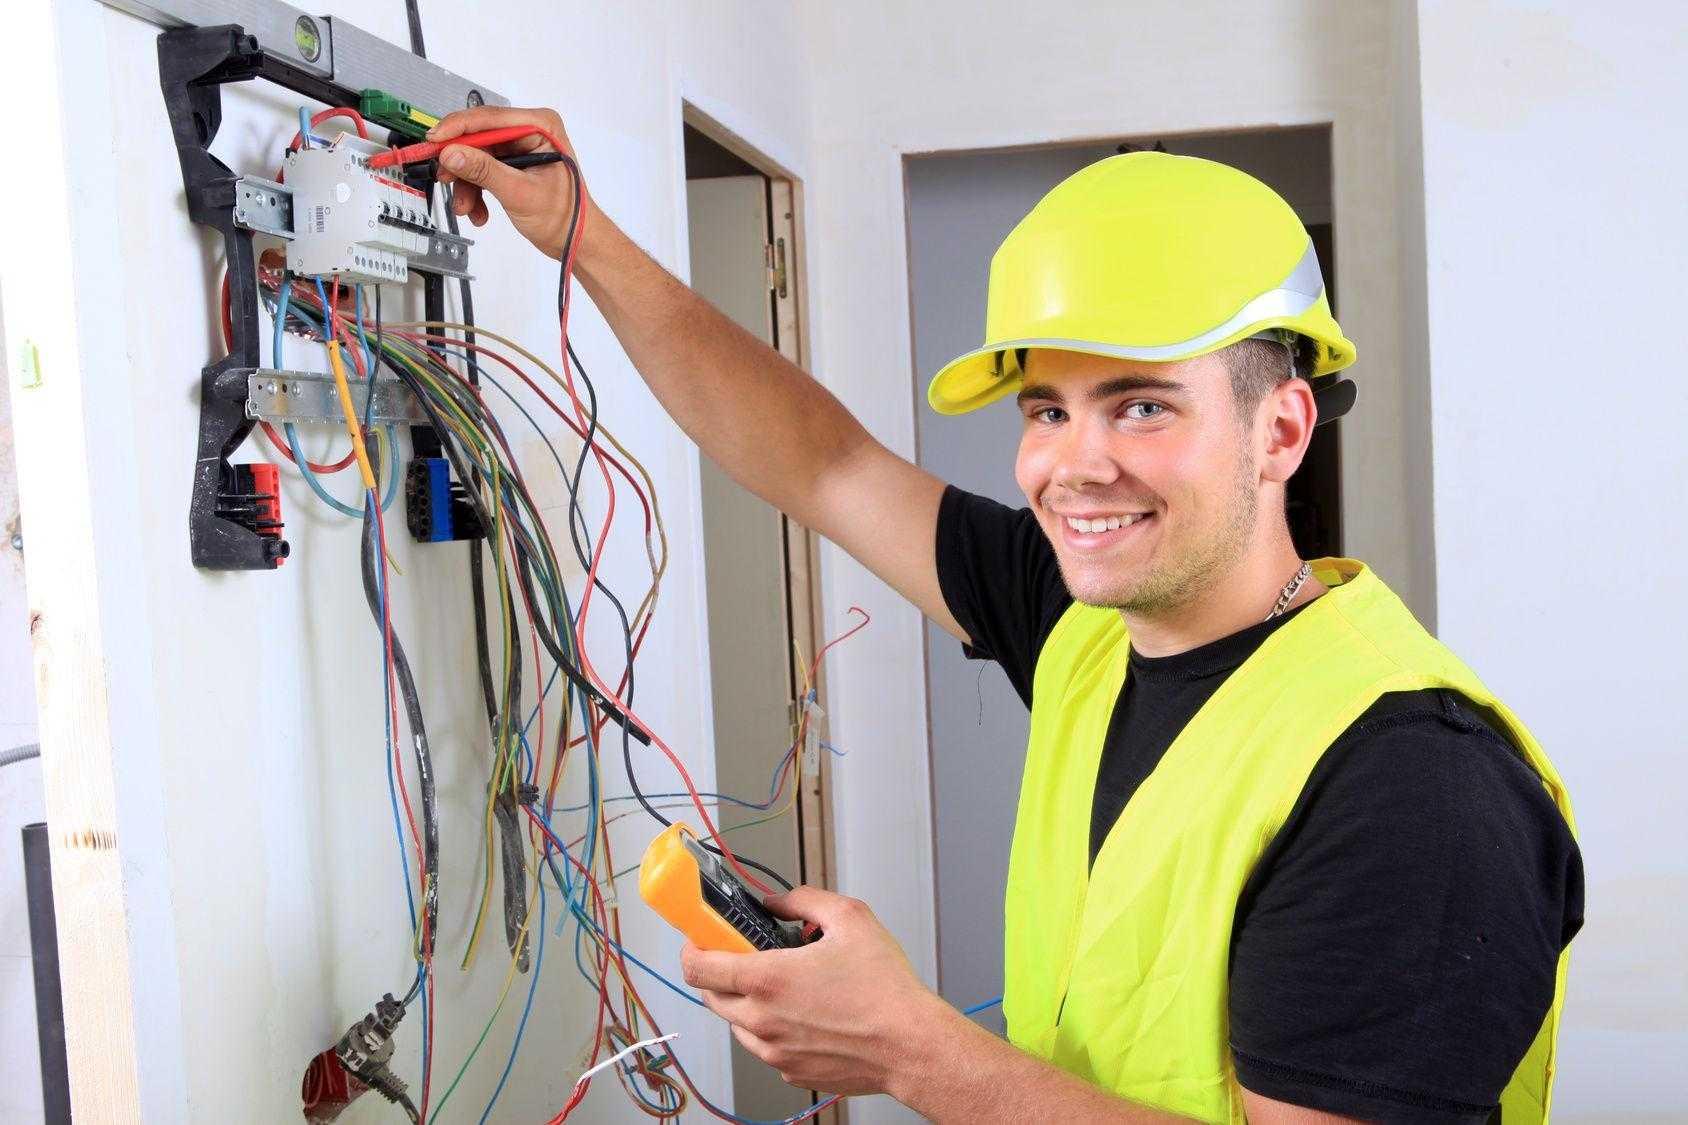 Стоимость электрика один работы час buran стоимость часов